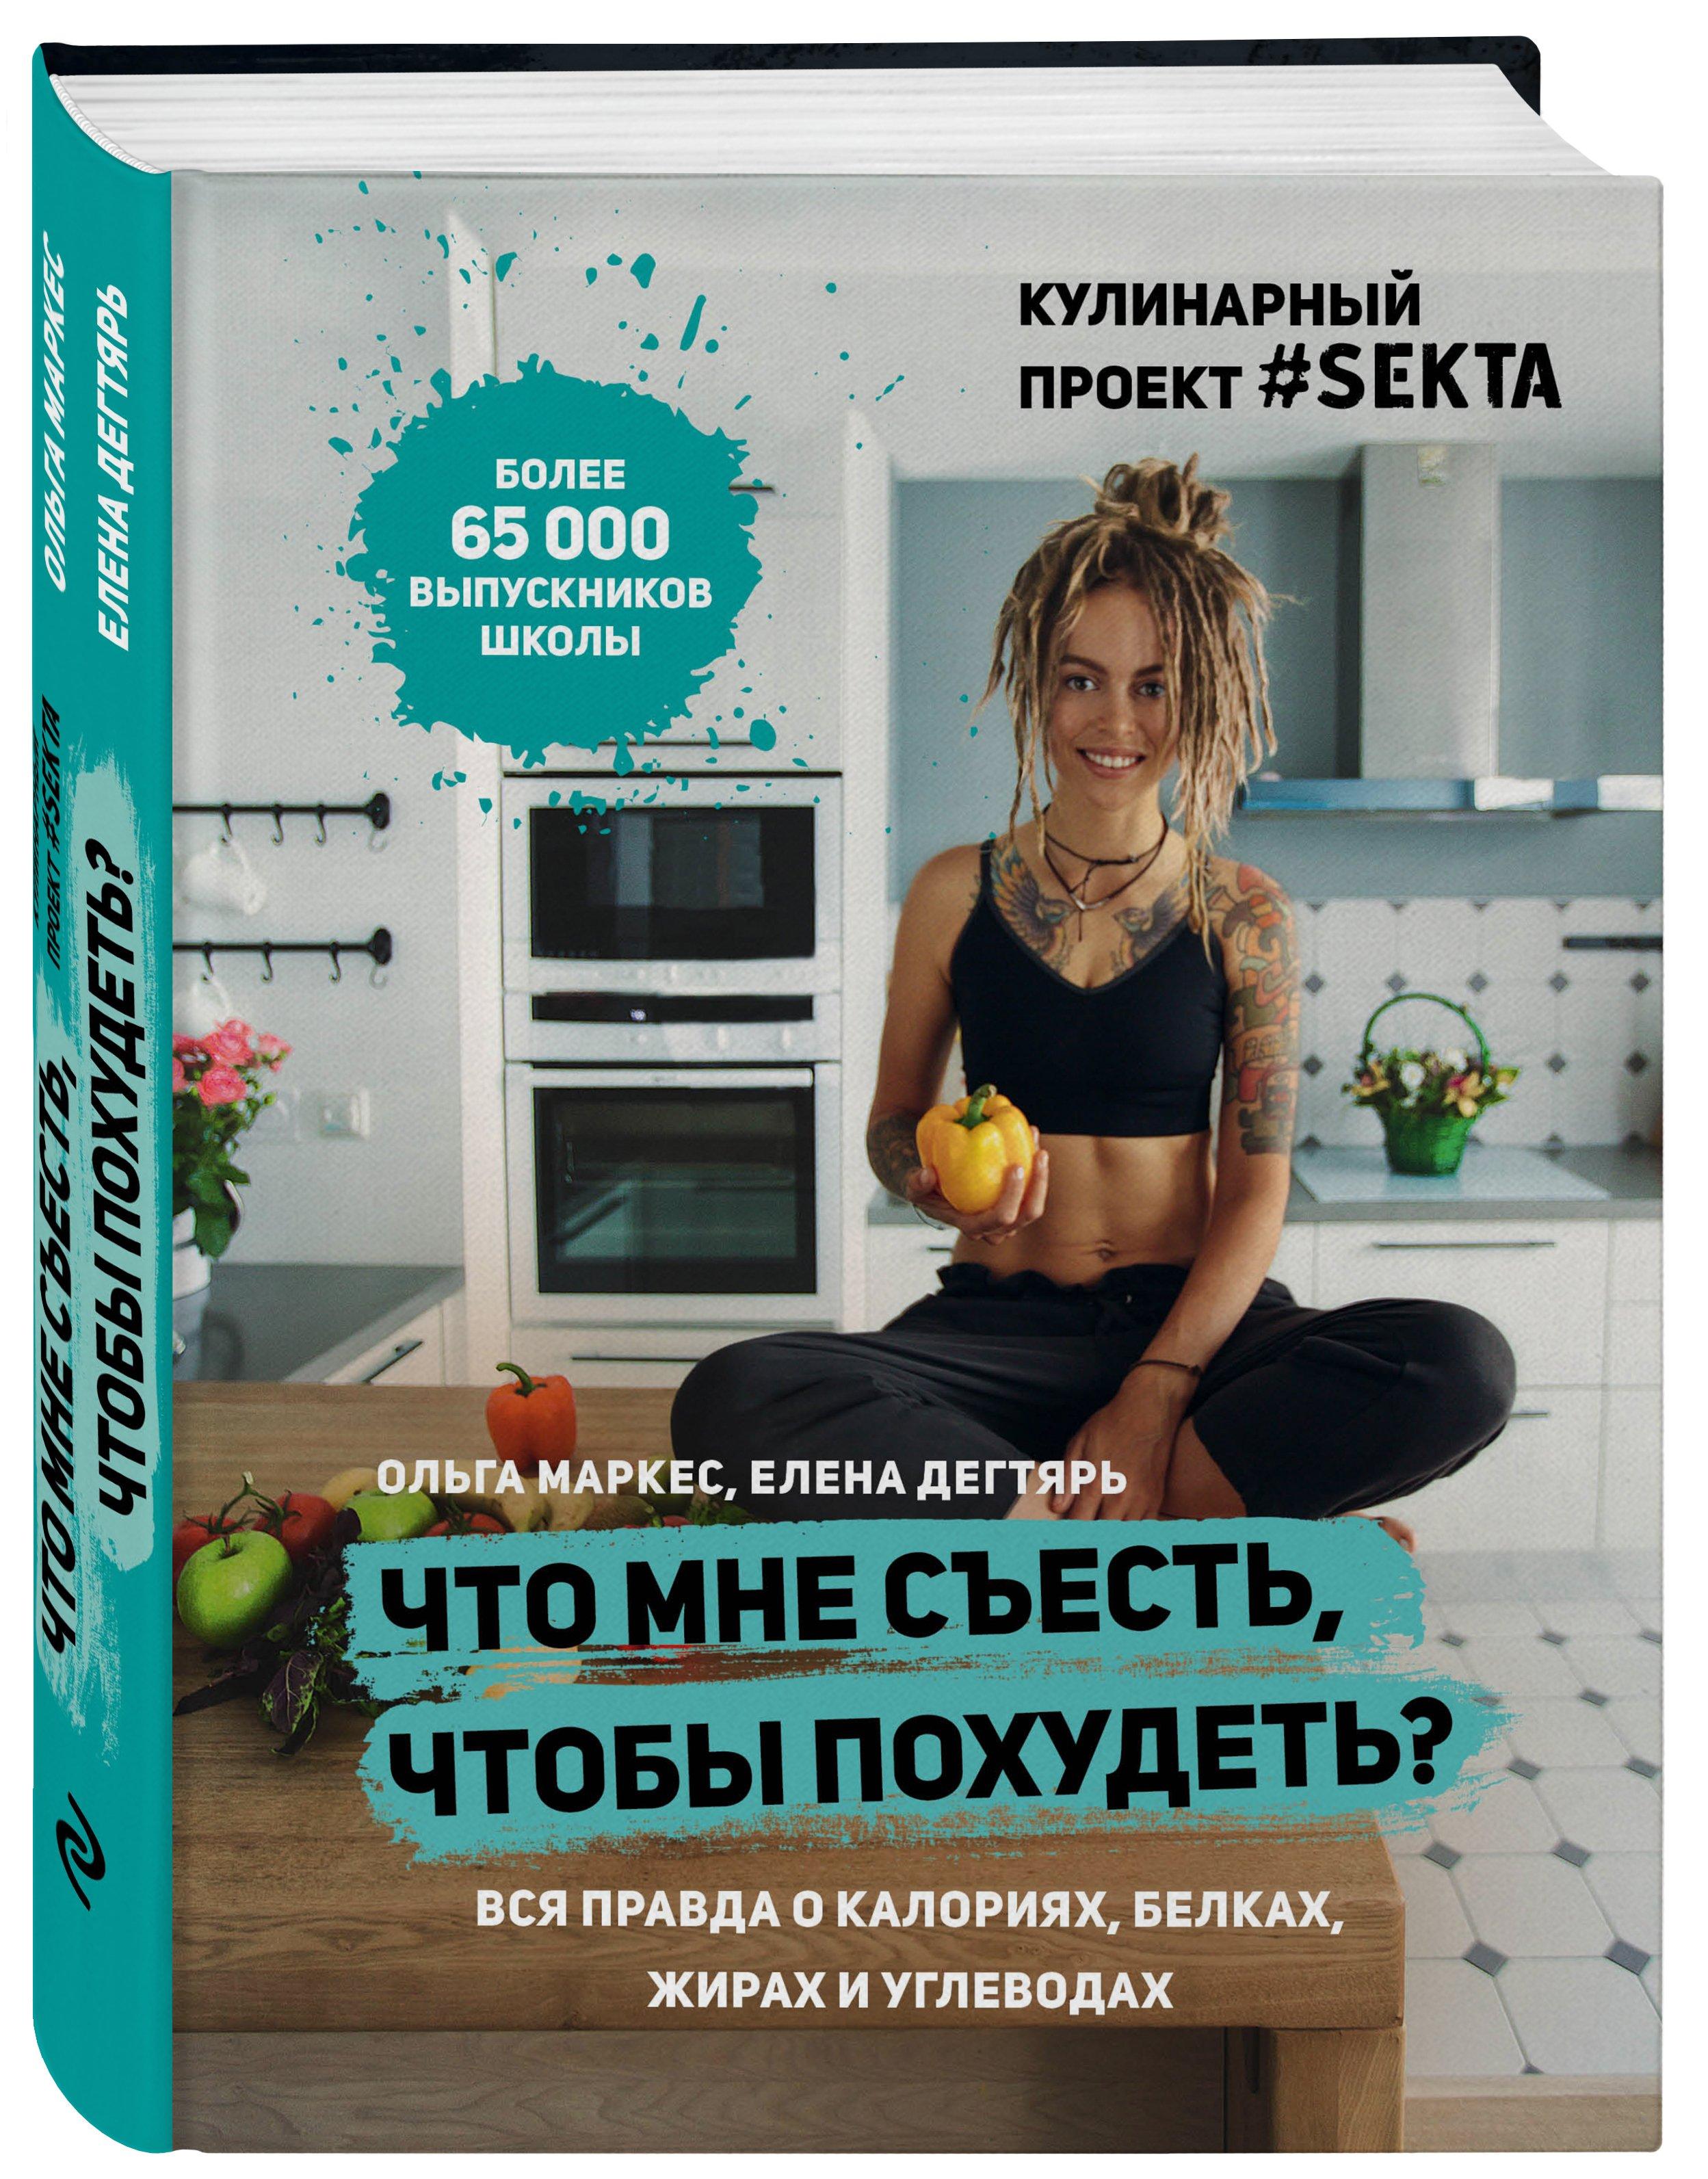 Маркес Ольга, Дегтярь Елена Что мне съесть, чтобы похудеть? Кулинарный проект #SEKTA